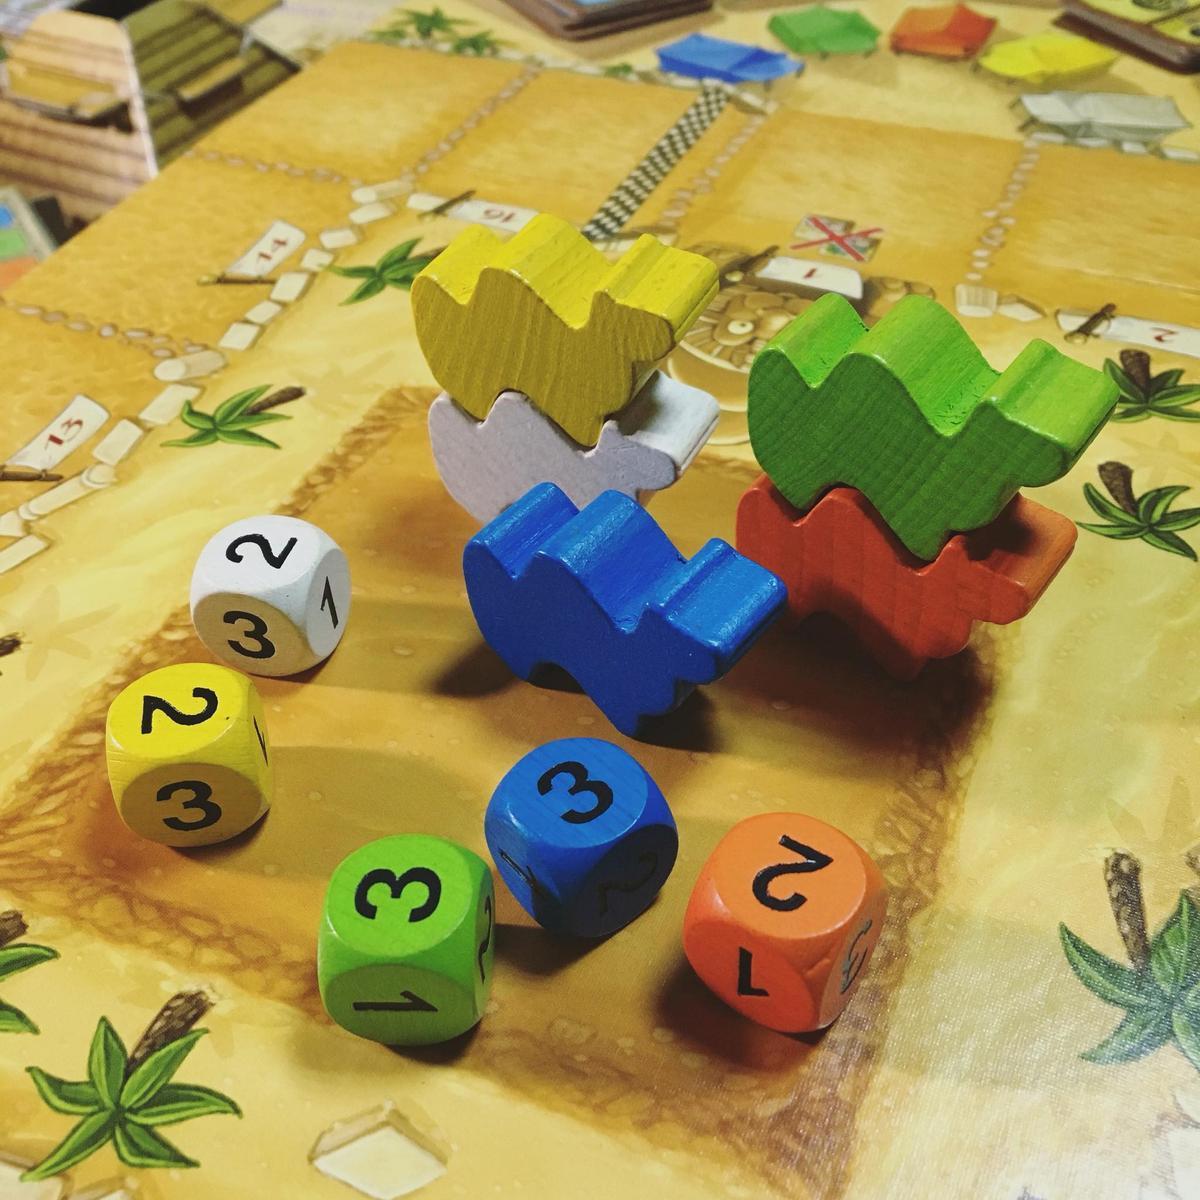 每個骰子各對應一個駱駝顏色